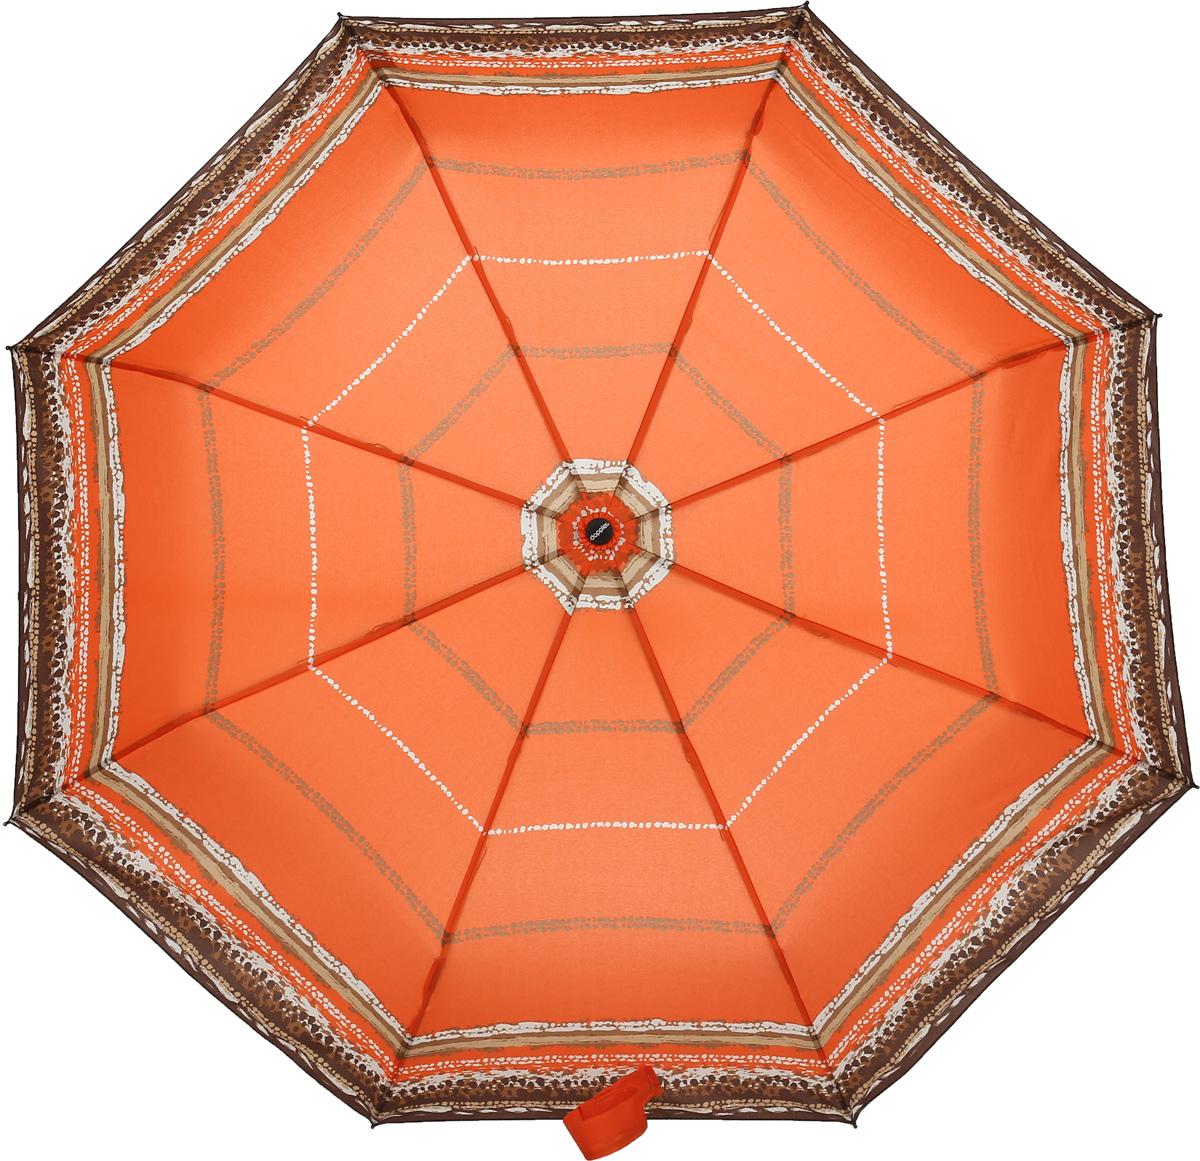 Doppler Зонт Style, 3 сложения, система антиветер, лакированная ручка. 744146521 orange wave744146521 orange waveЗонт Doppler, всемирно известный бренд, имеющий многолетнюю традицию.